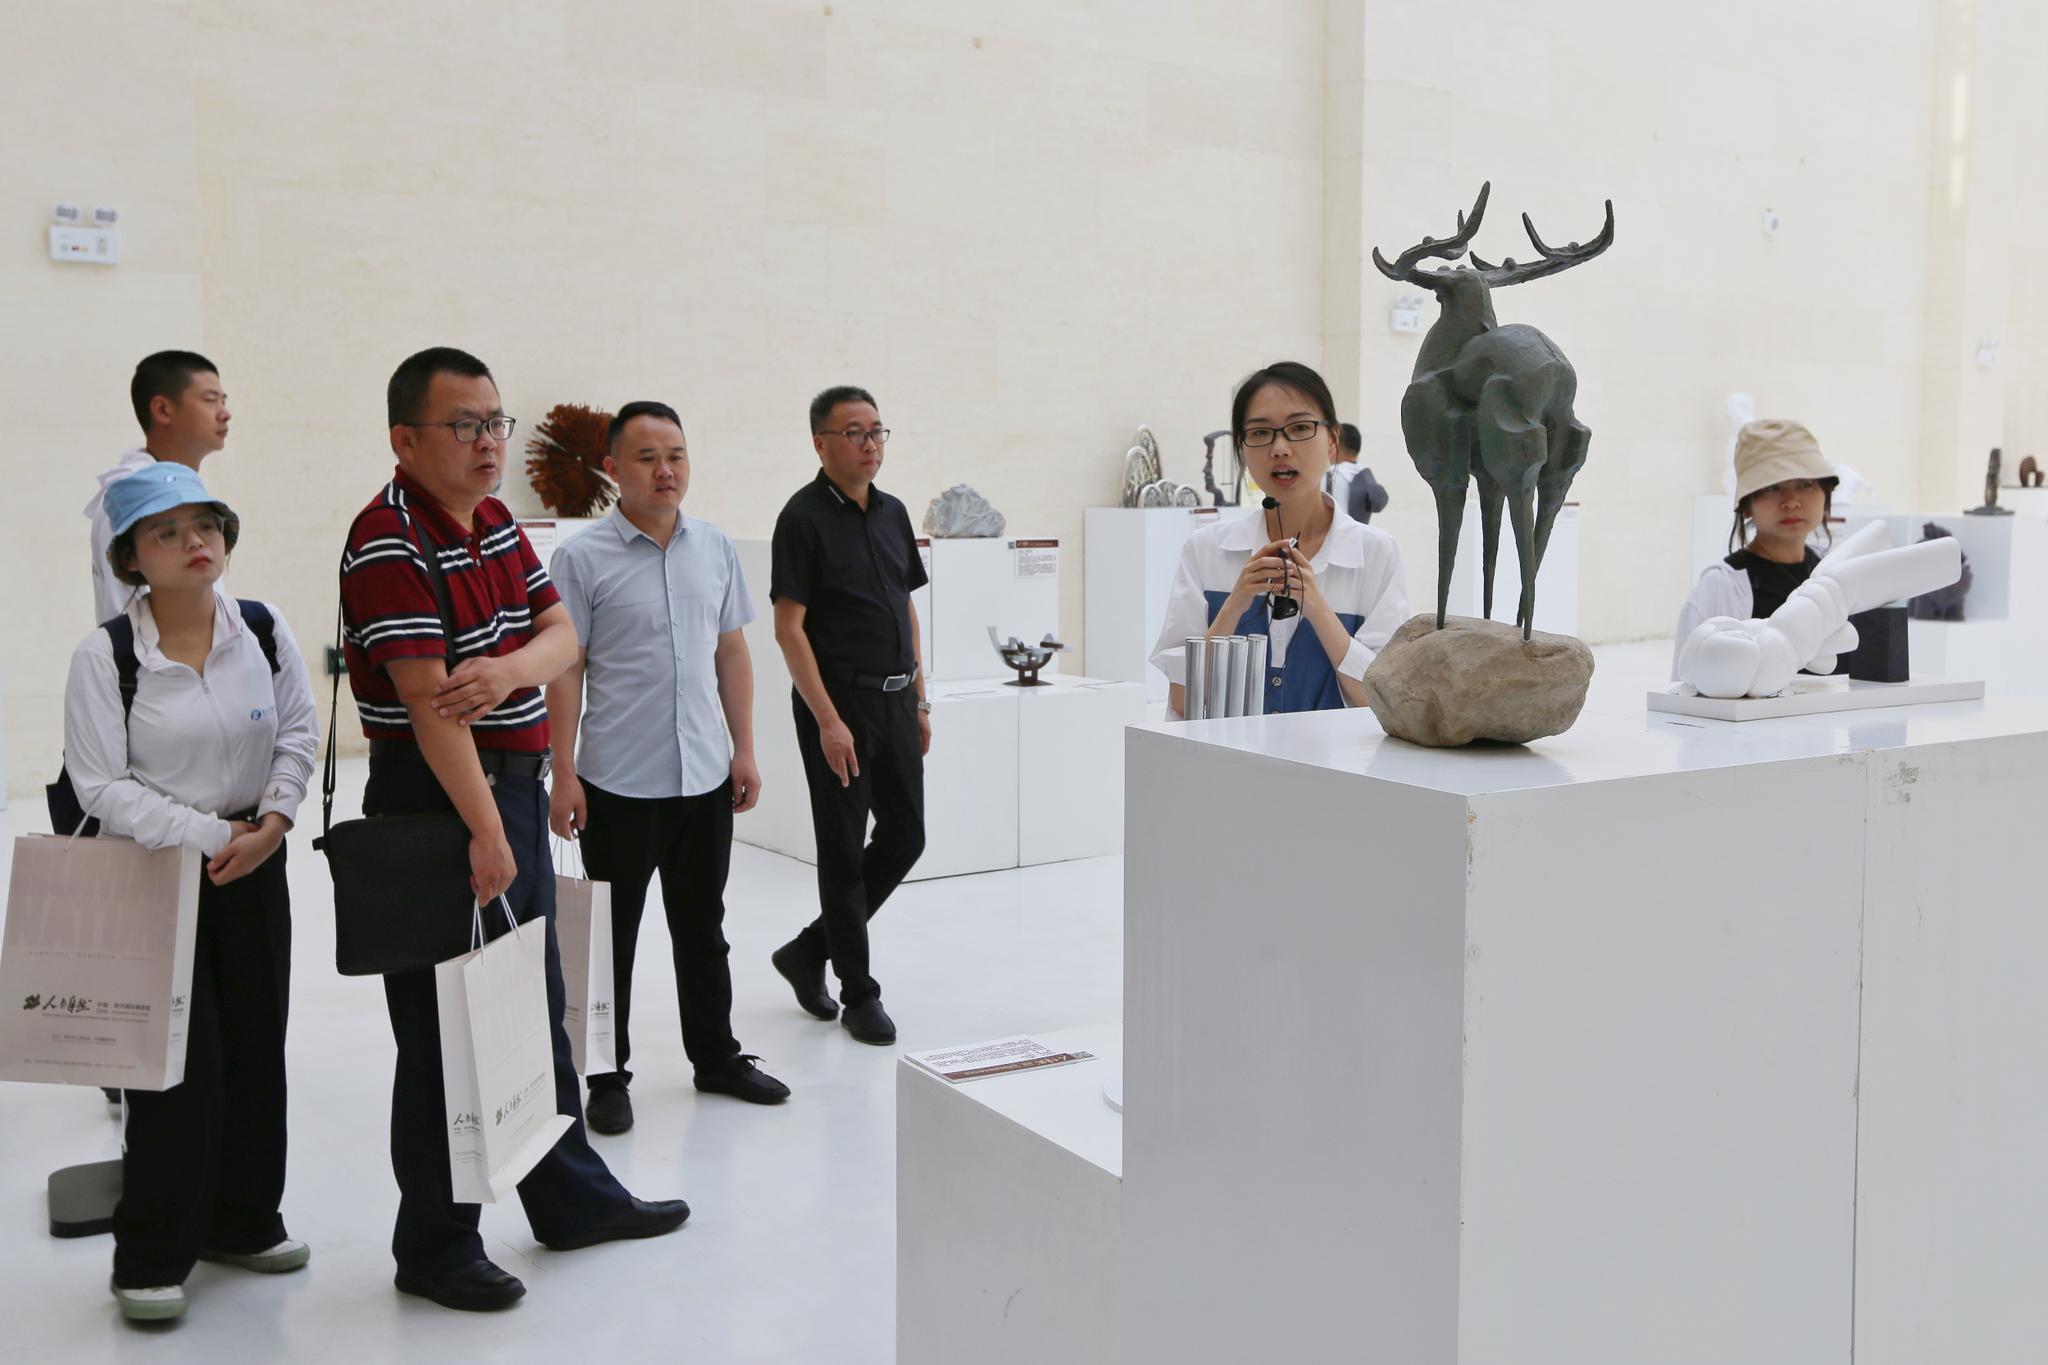 郑州市雕塑公园:把艺术搬进大自然把大自然带进市民的生活里